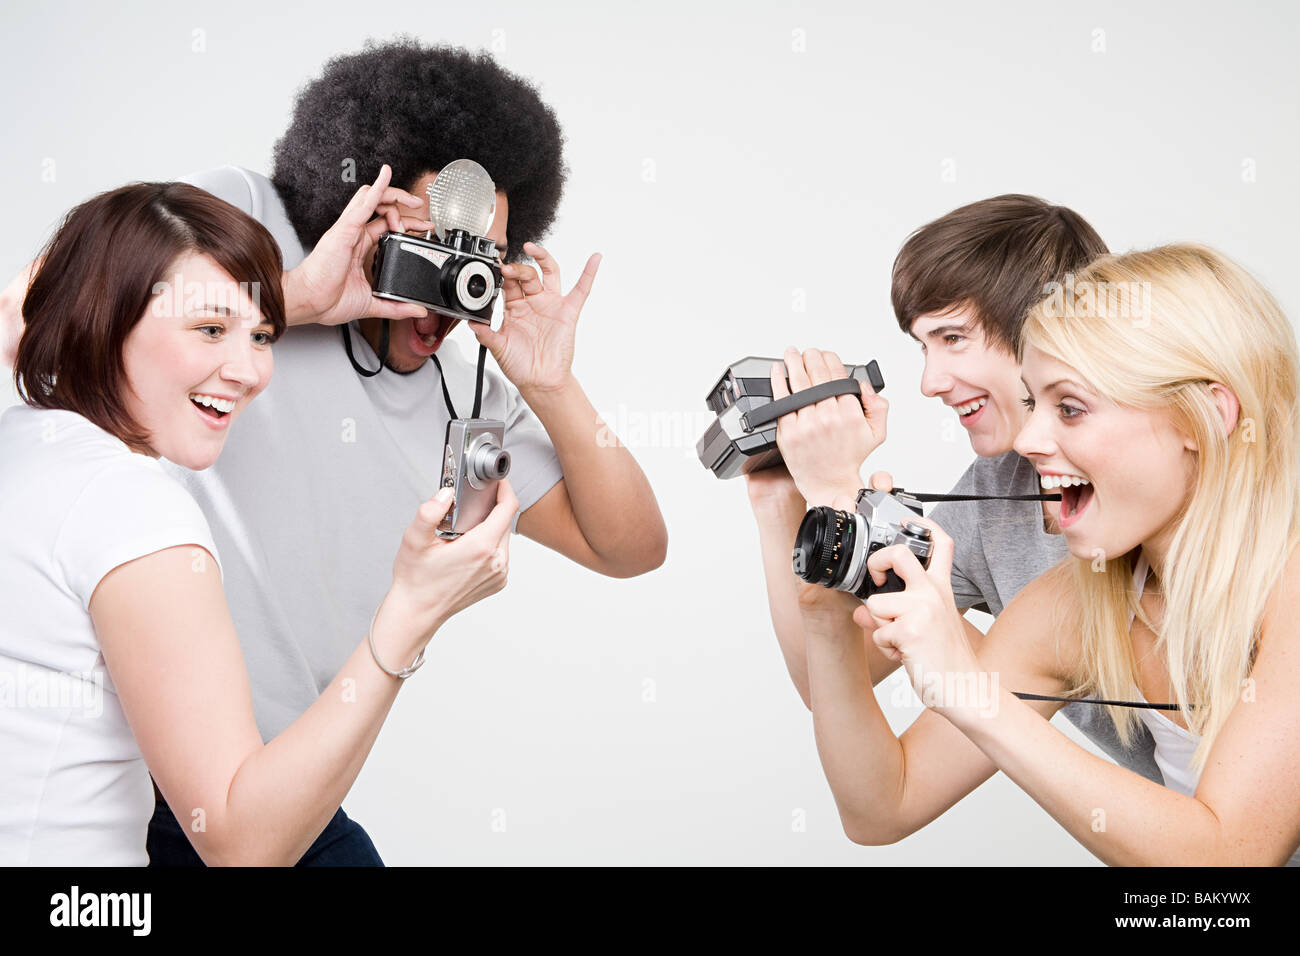 Prendre des photos d'amis Photo Stock